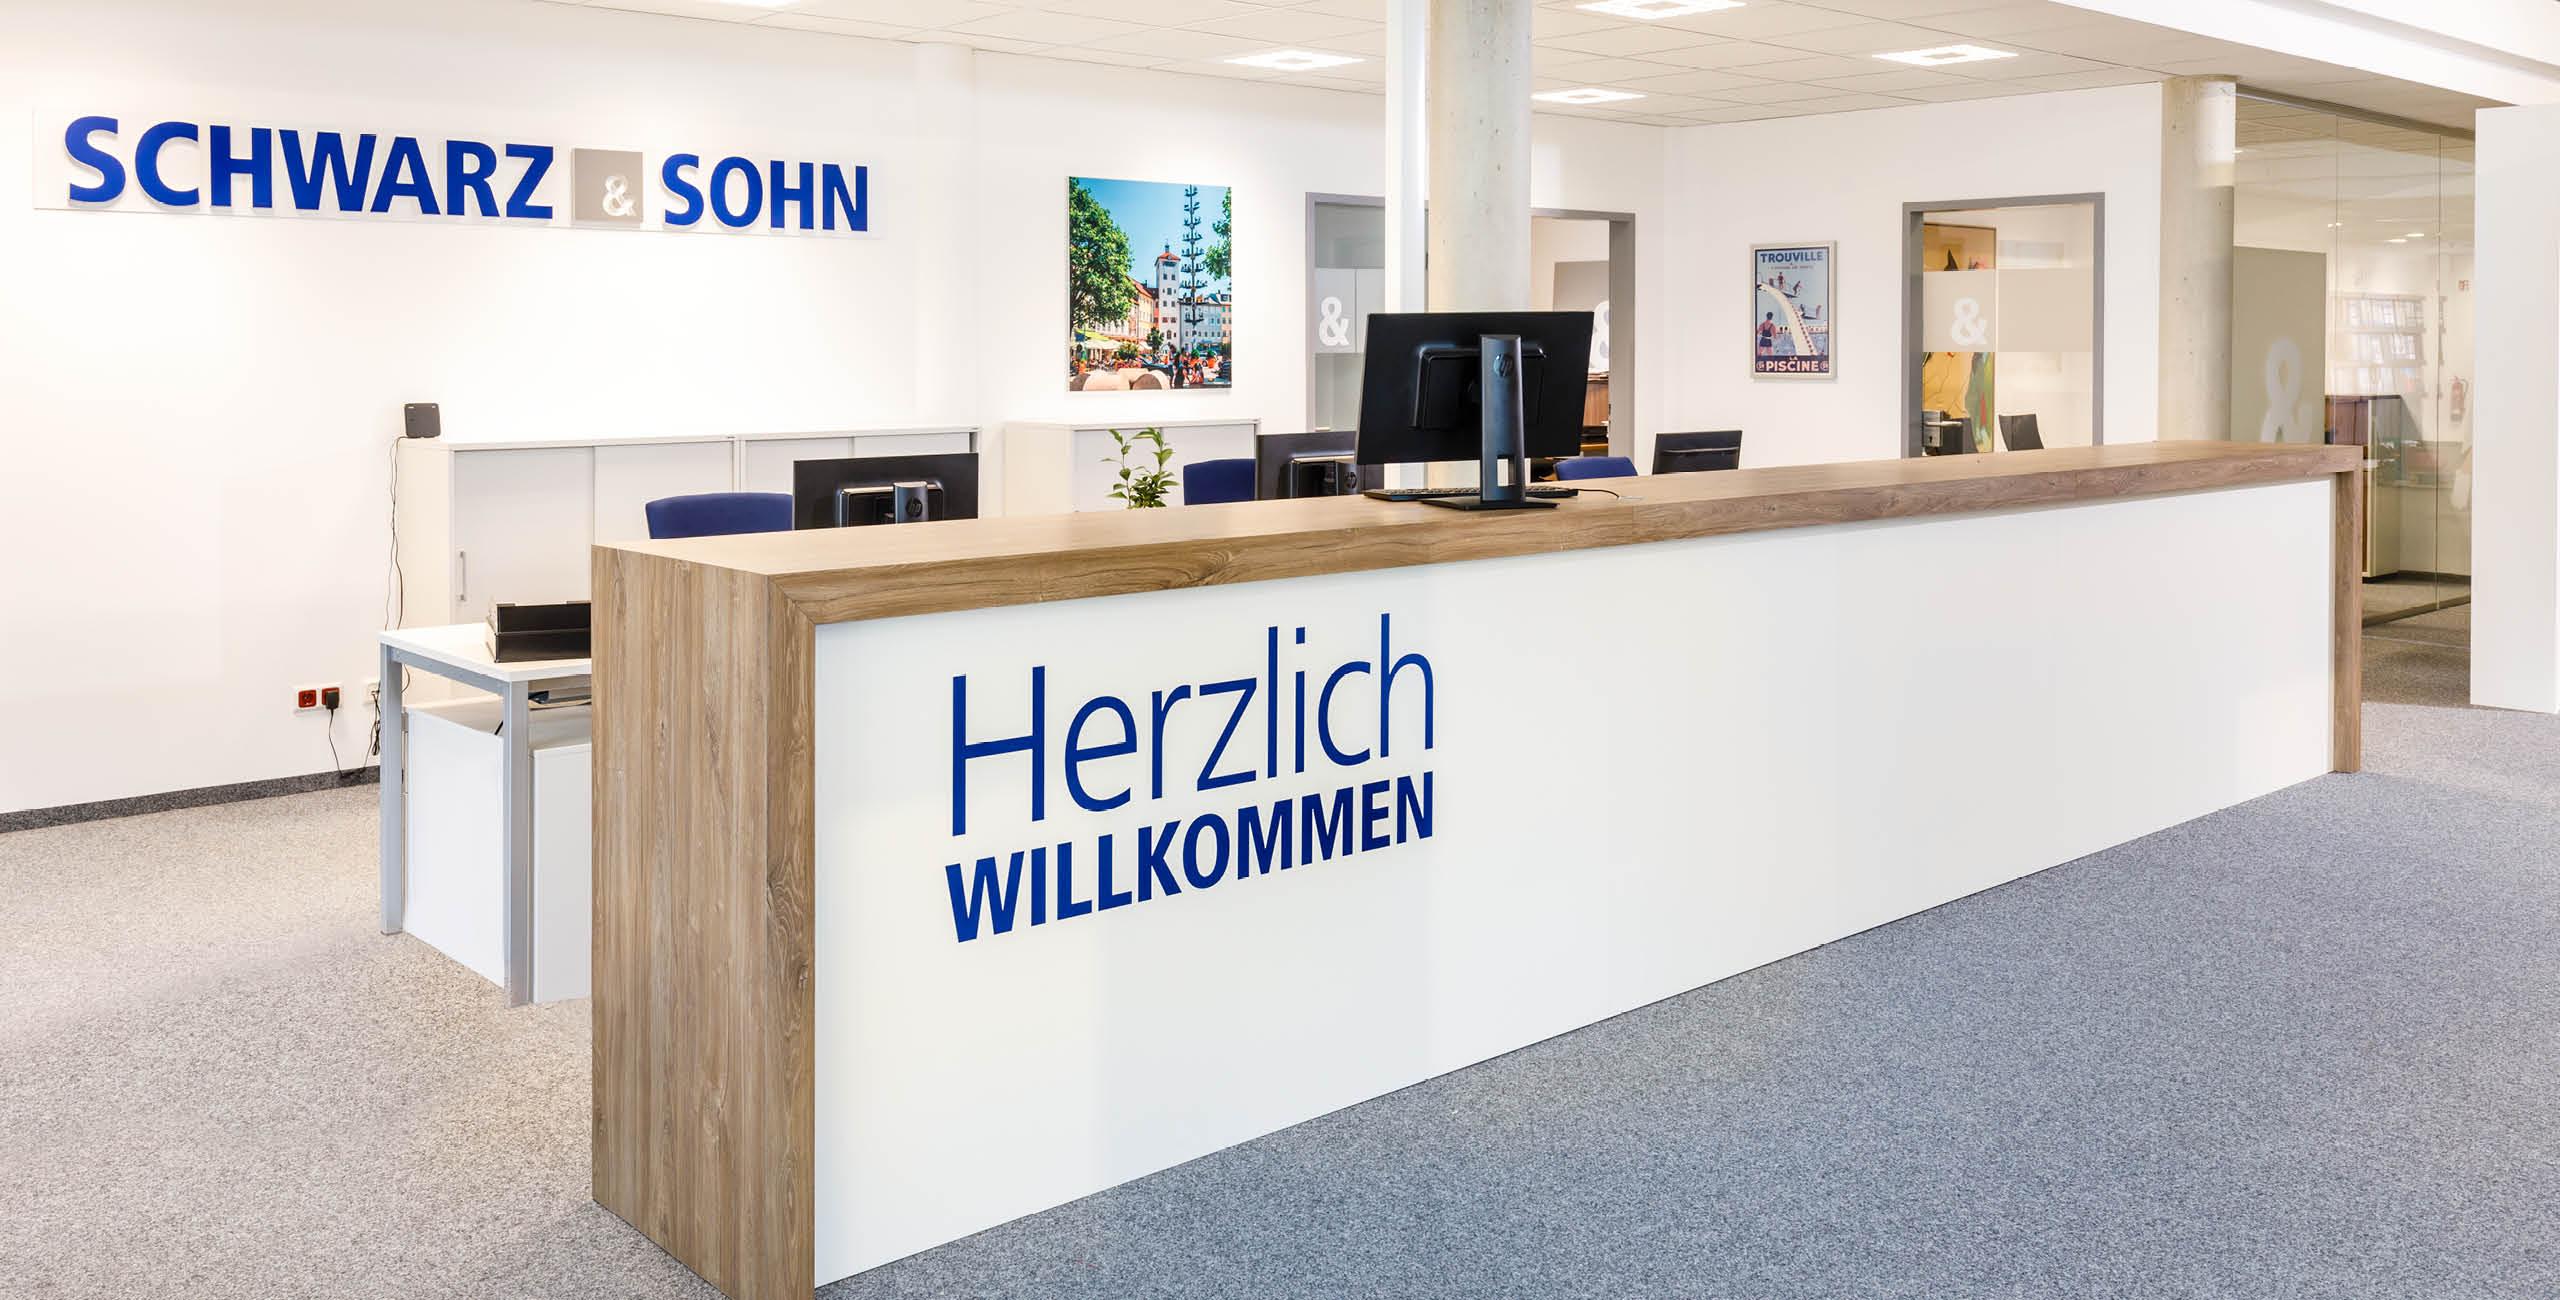 Ausstellung von Schwarz & Sohn in Traunstein